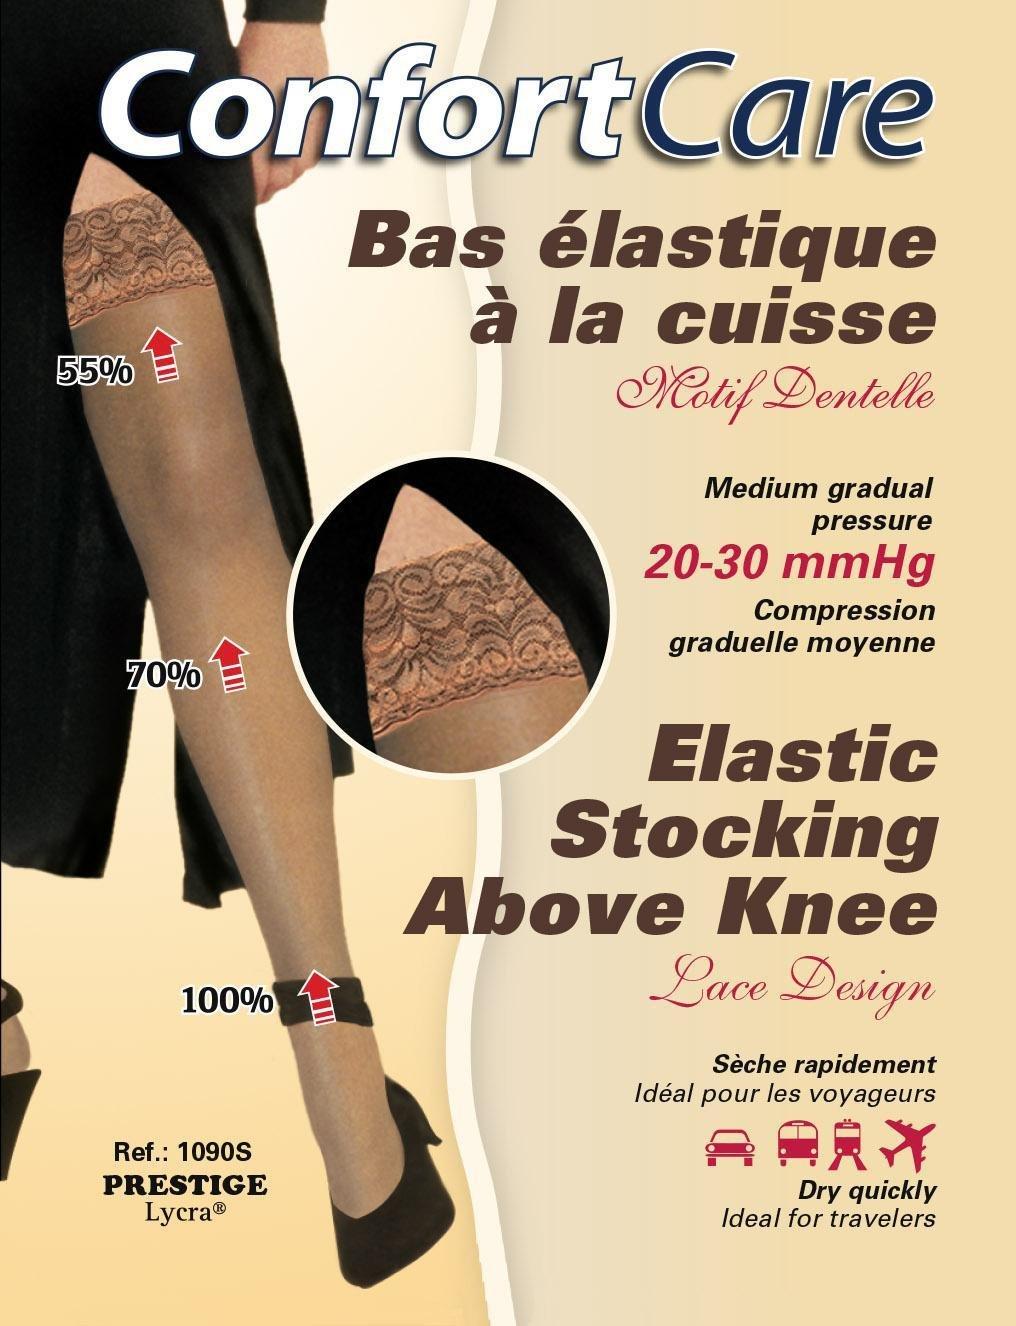 Spécial #1190s 2 PRS. X $120.00 Bas Élastique à la Cuisse compression forte (20-30mmHg) Stockings Above Knee High compression.